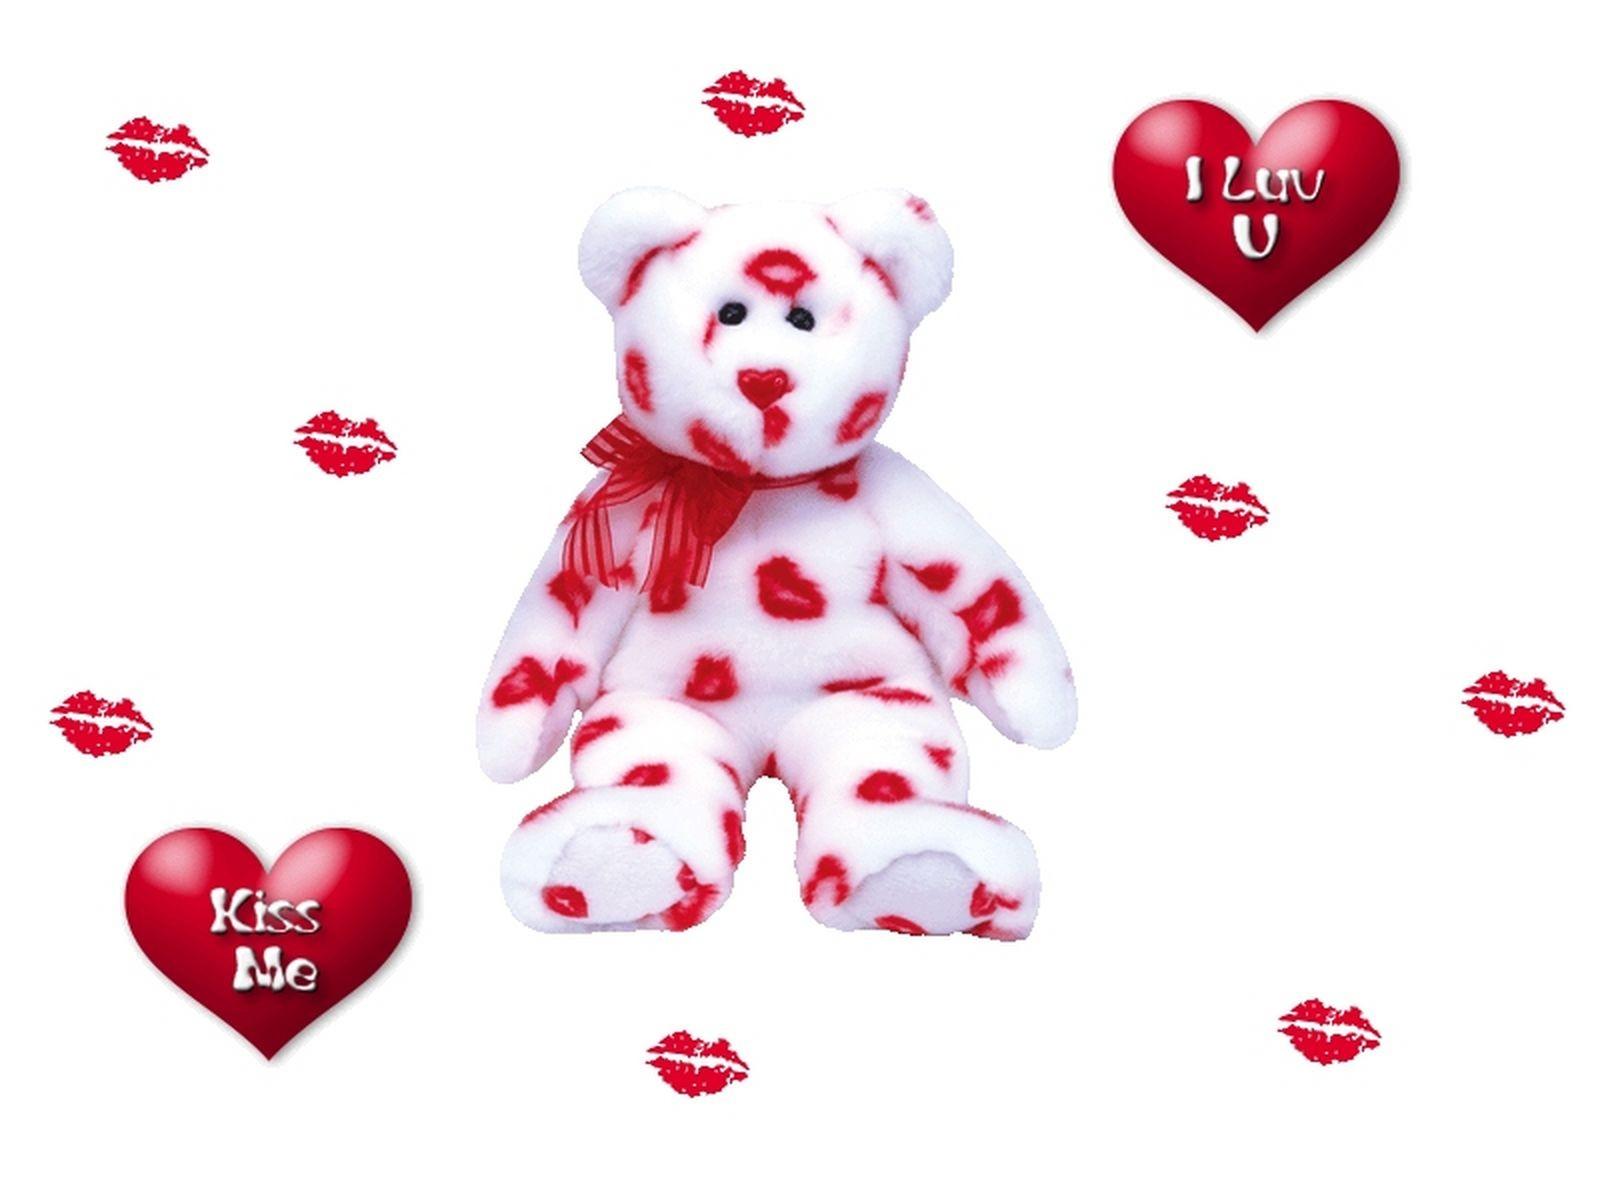 اجدد مسجات تهاني بعيد الحب 2014 , اجمل رسائل valentine's day 2014